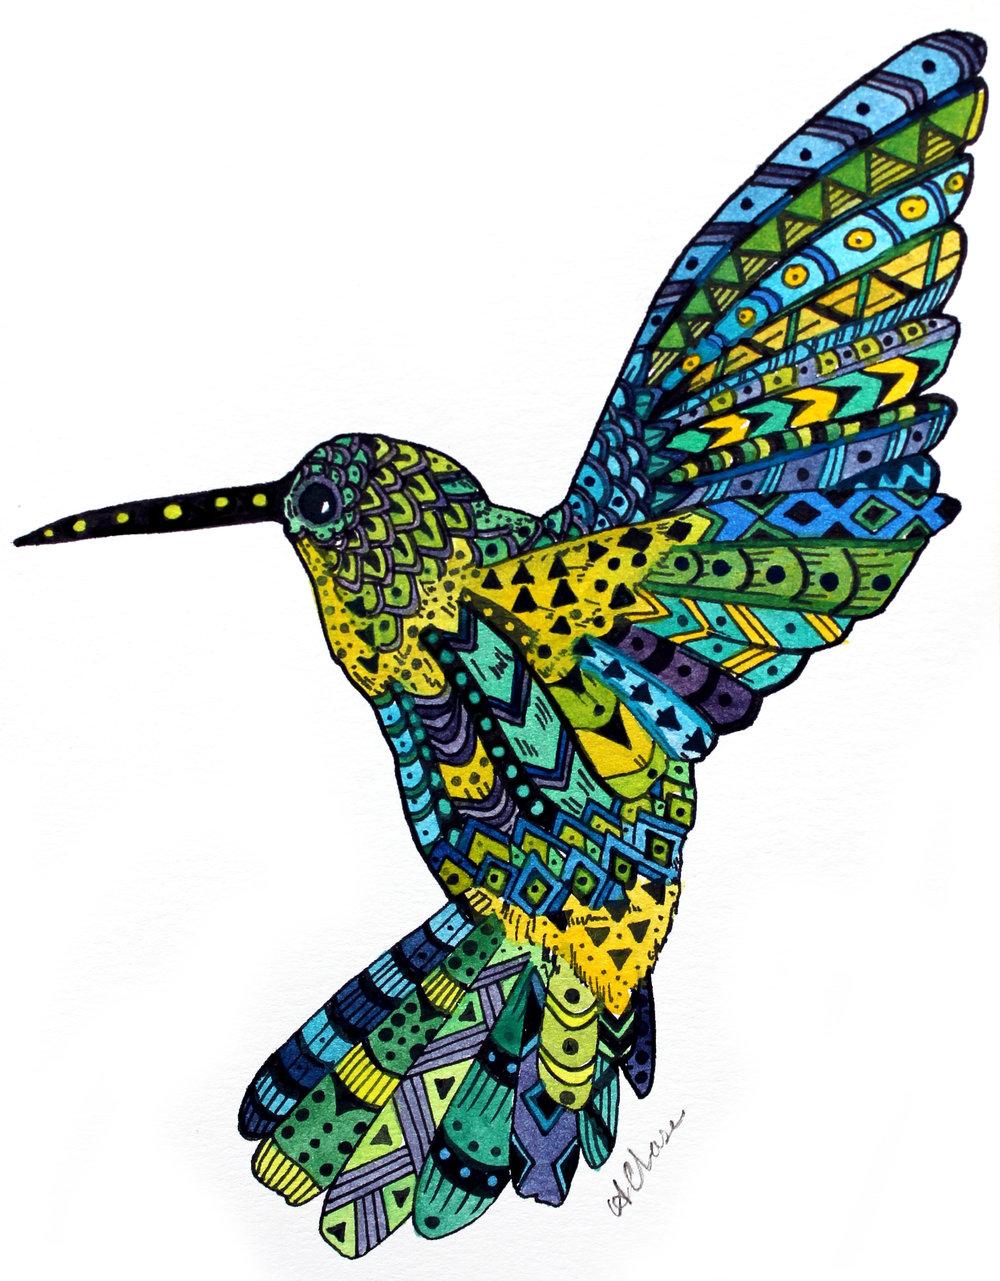 AZTEC BIRD ASHLEYCHASE.jpg